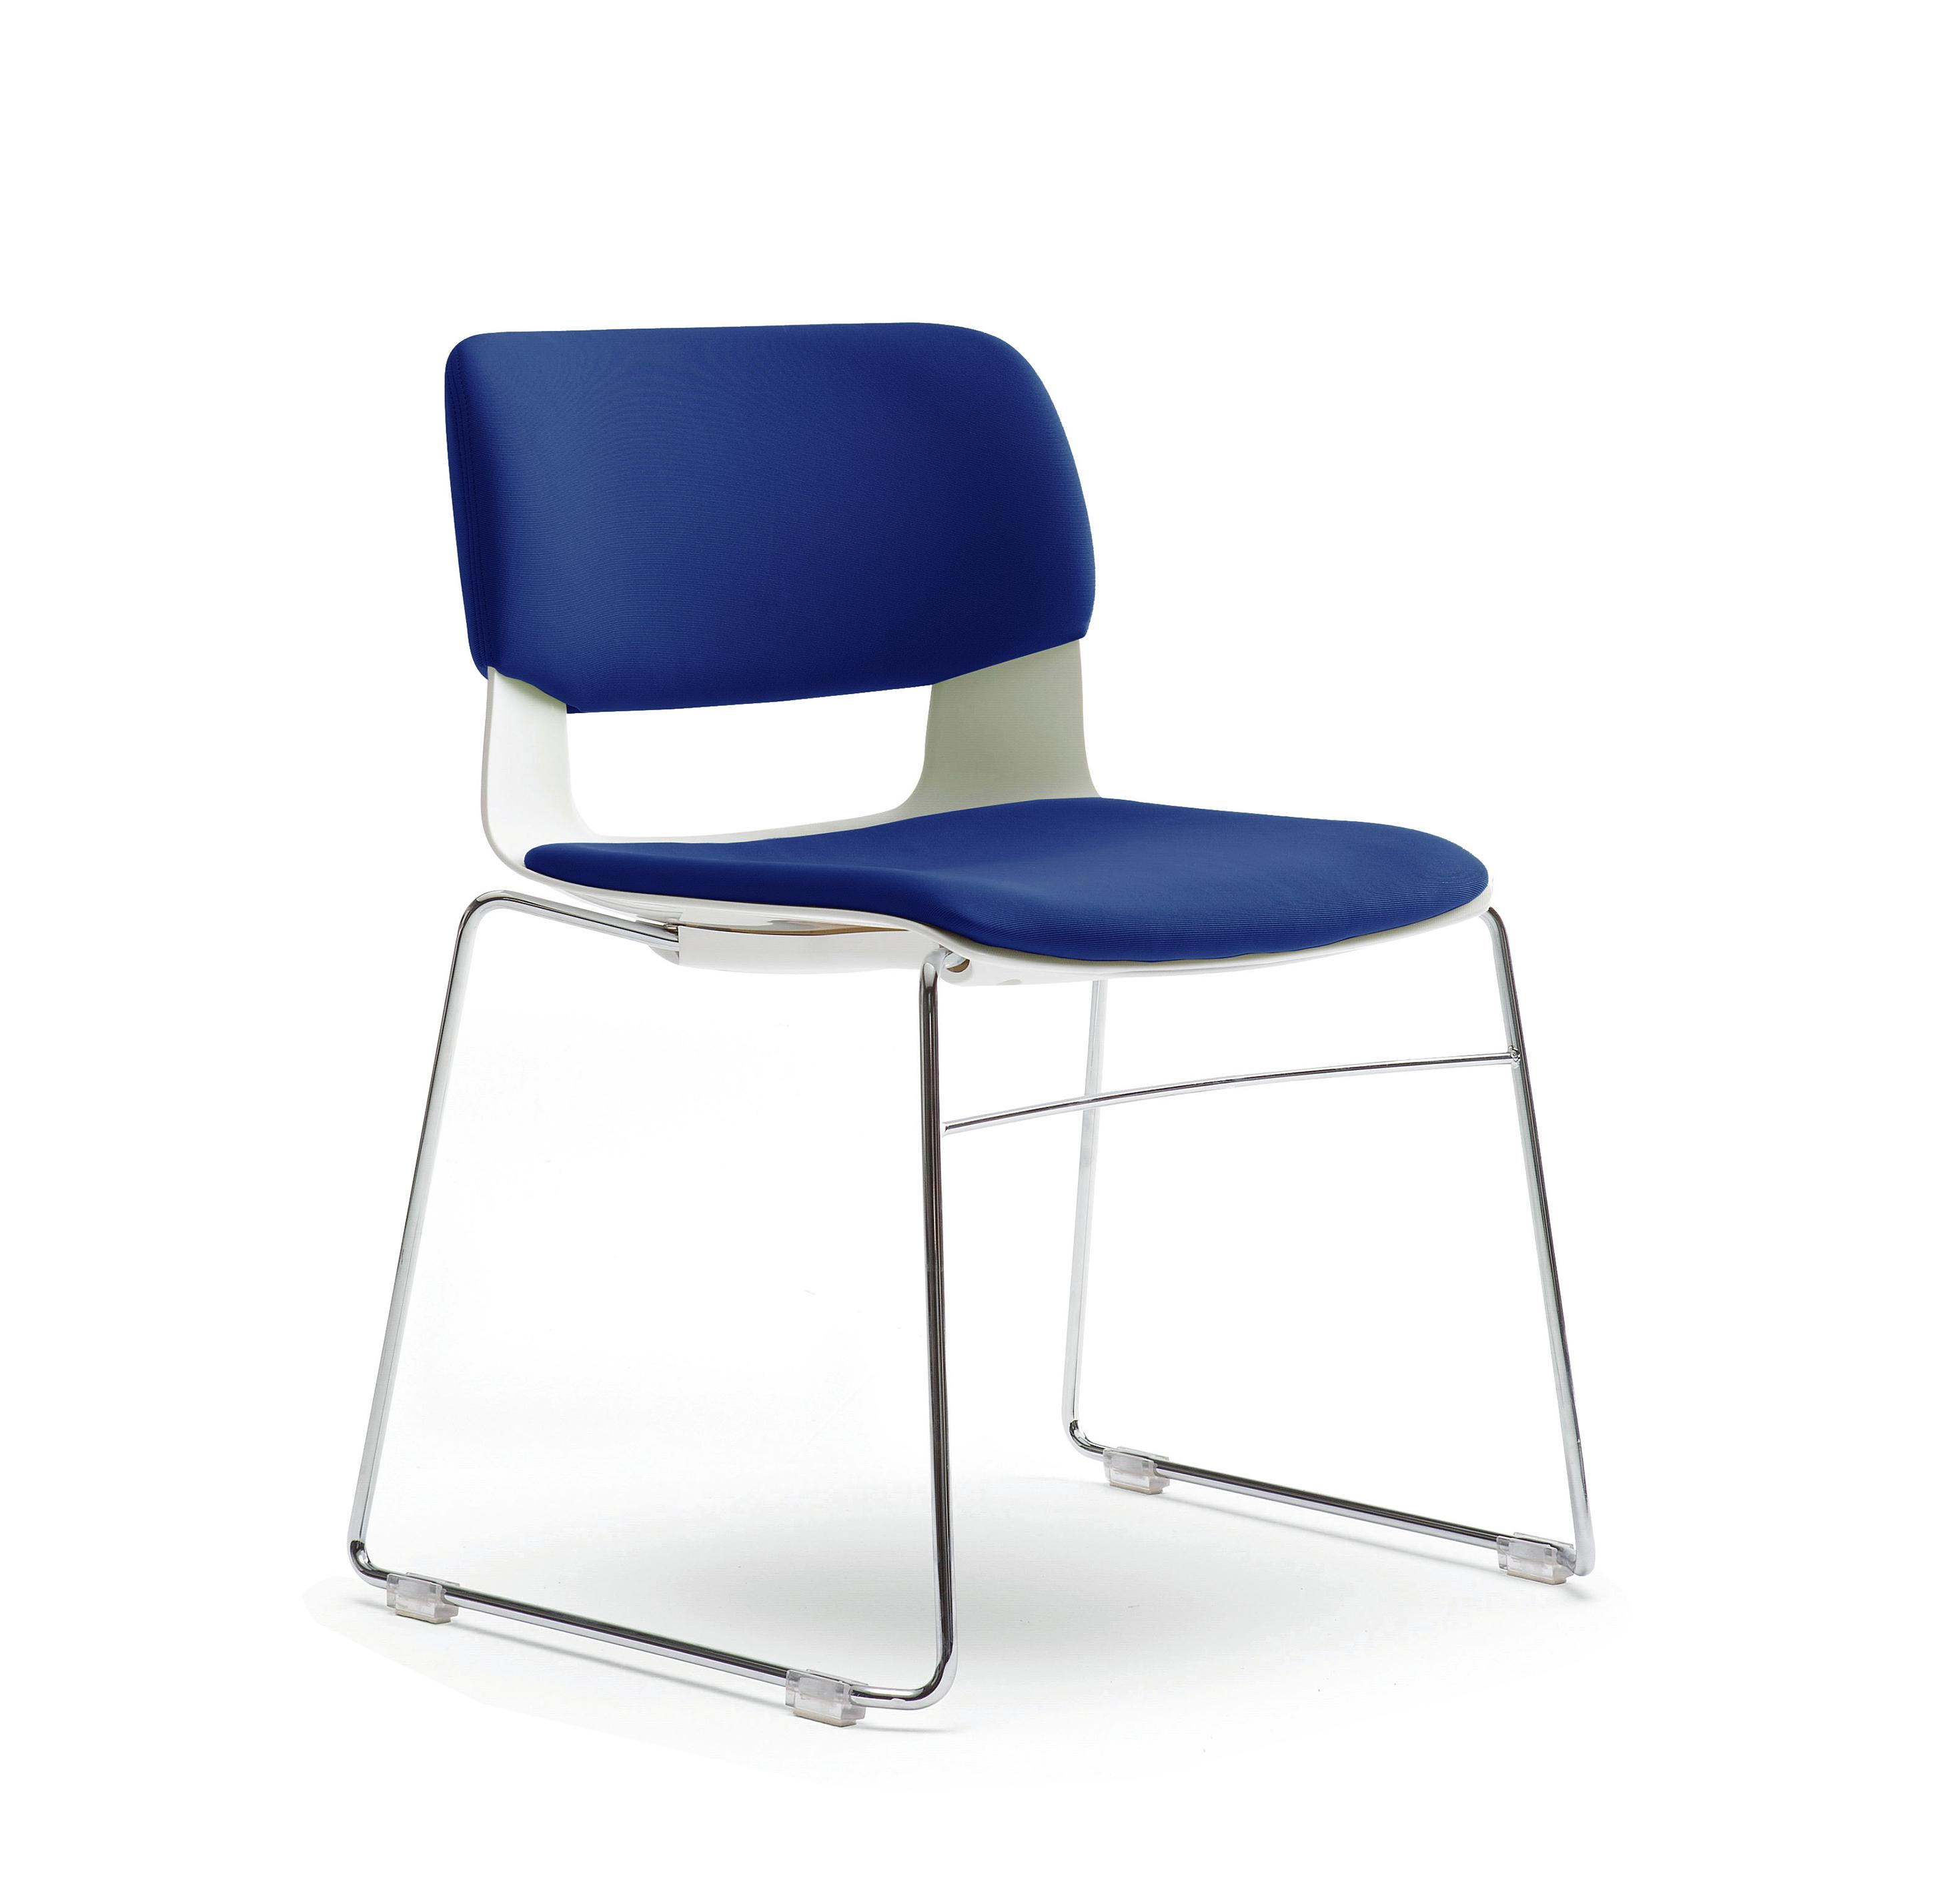 Sidiz Button Sleigh Chair